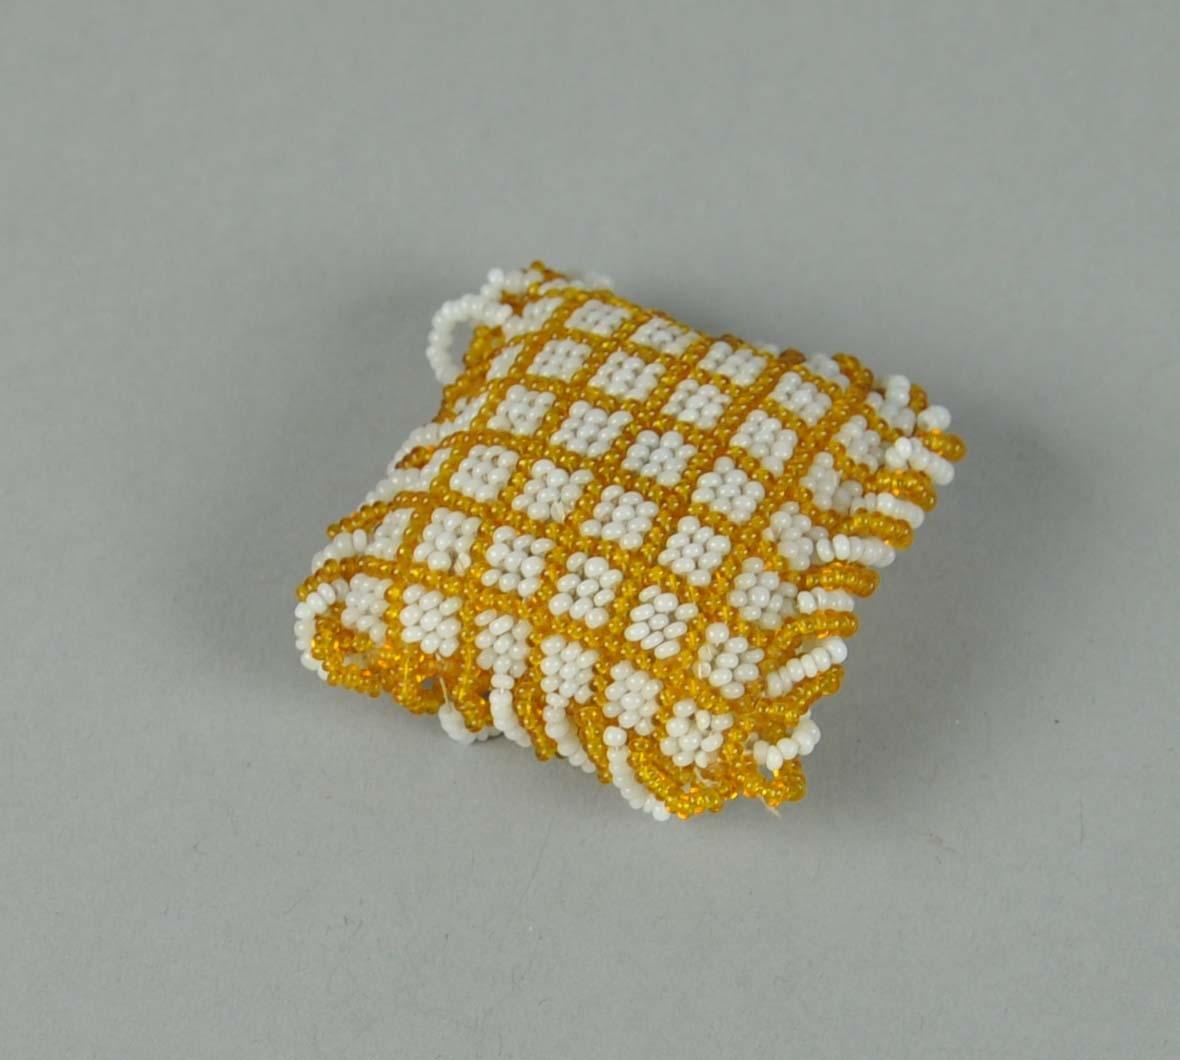 Liten lekepute. På framsiden har puten perlet rutedekor i gull- og hvitfarge. Baksiden av puten er trukket med silke.